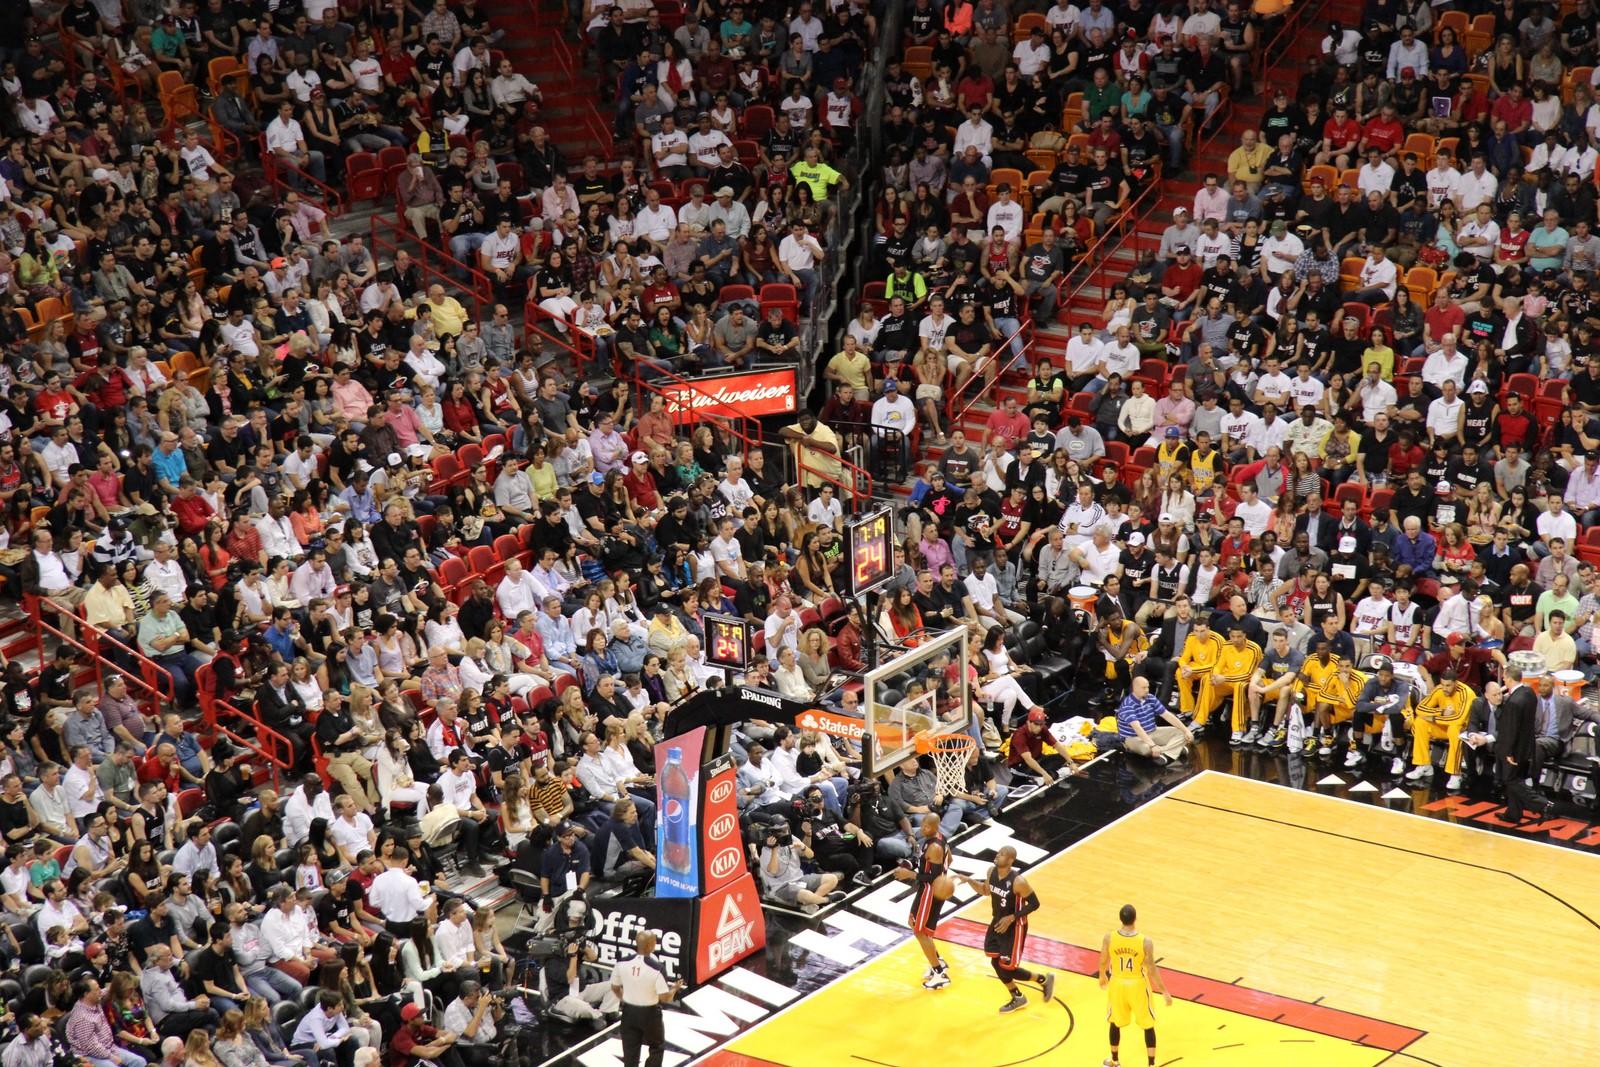 Miami basket